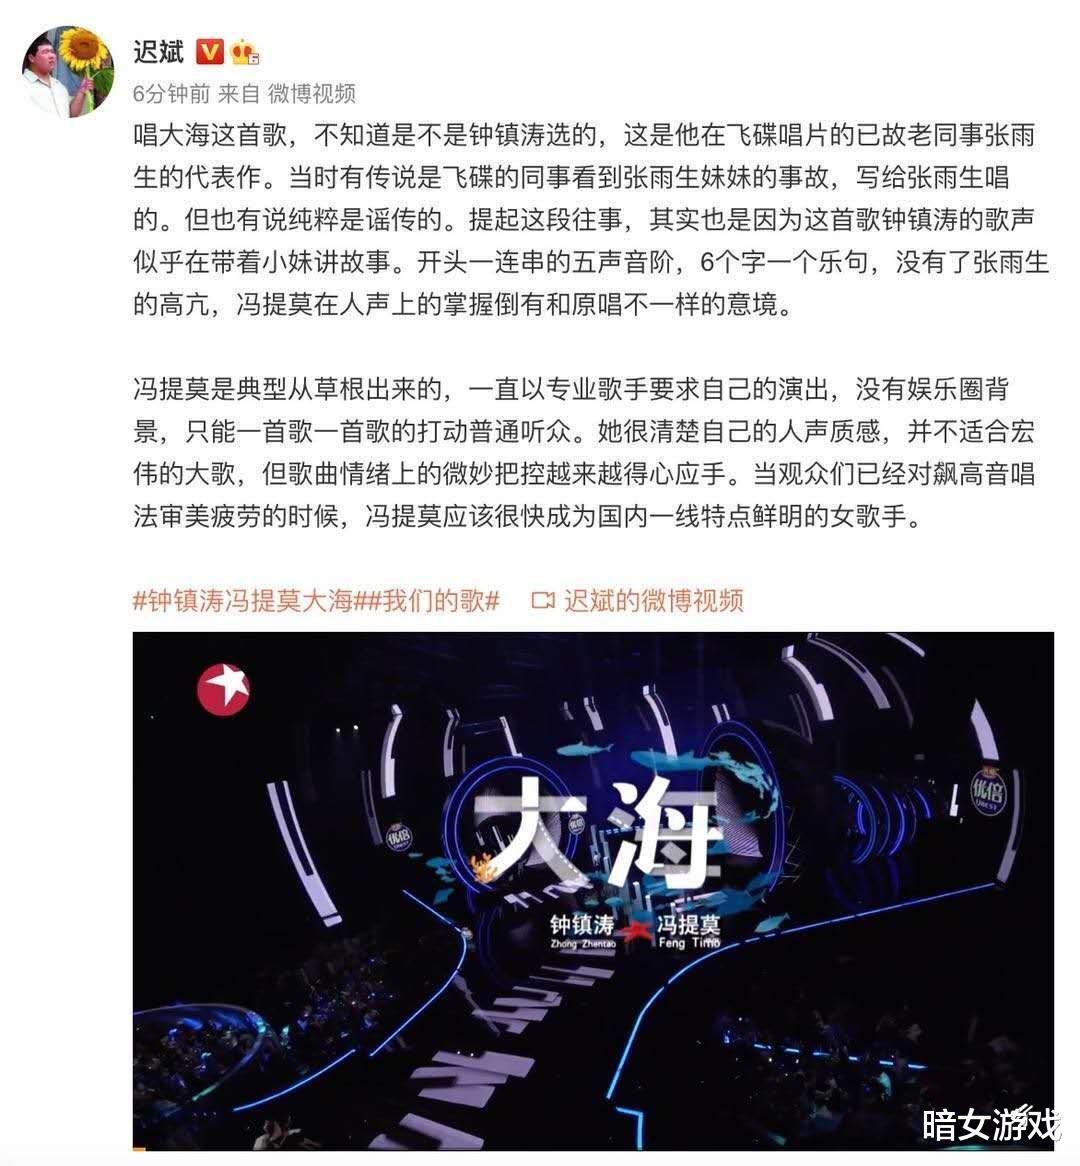 或成为中国一线歌手?迟斌对冯提莫音色高度赞赏:这声音很有魅力插图(2)